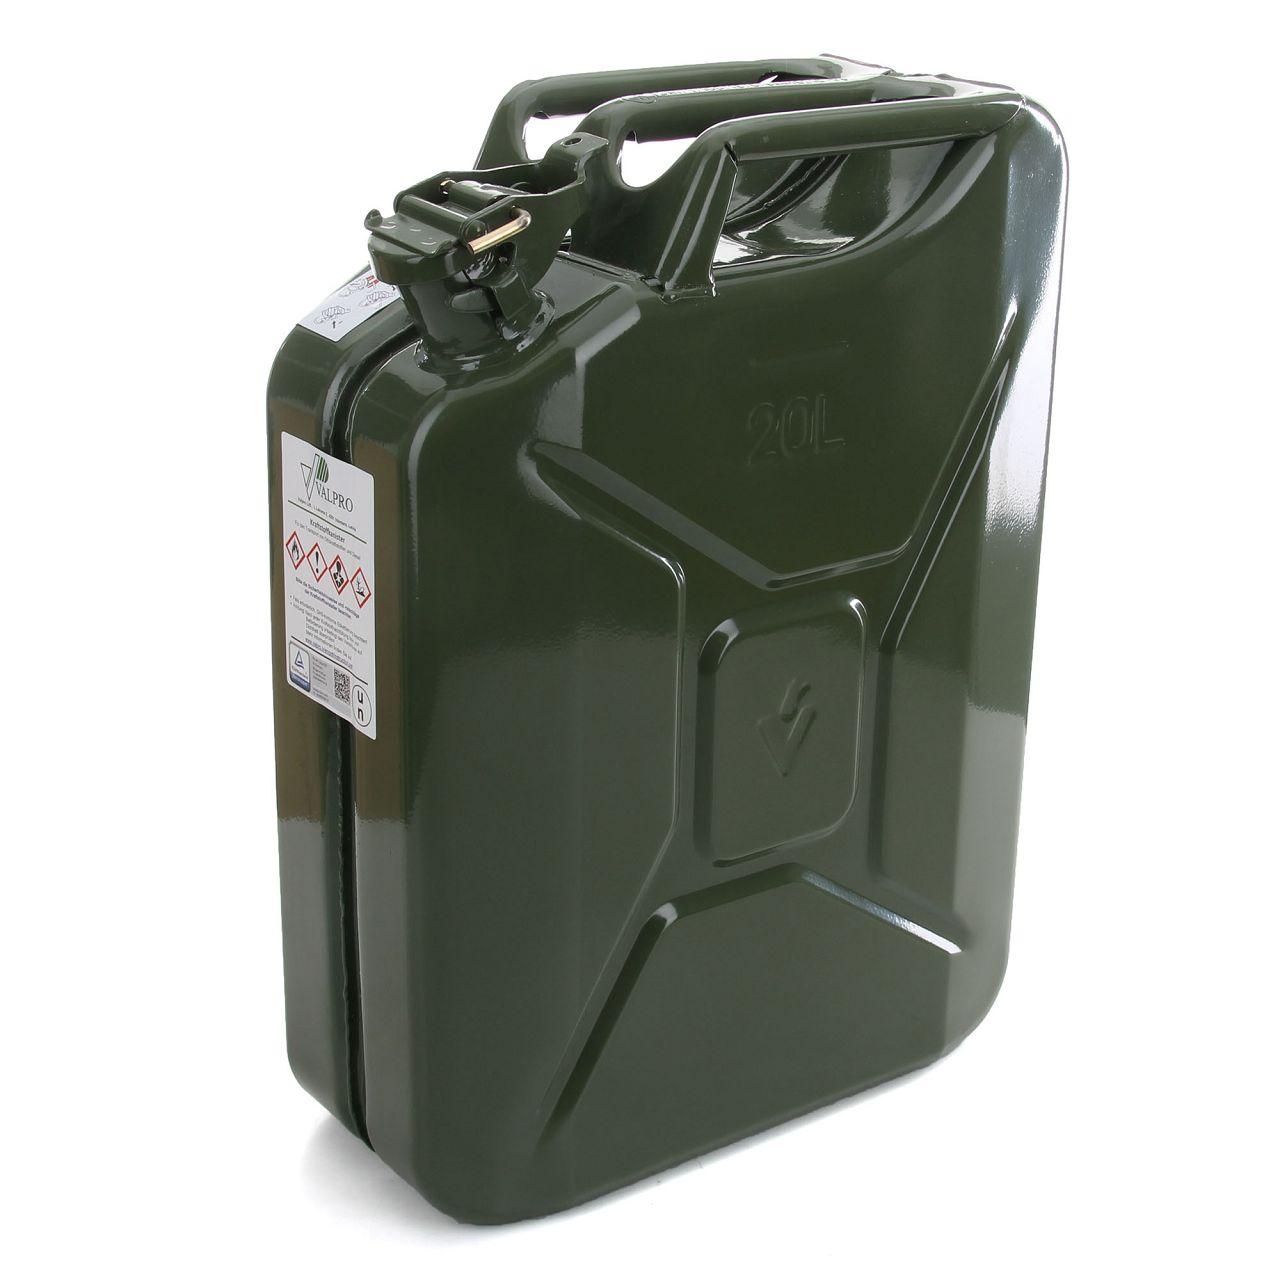 VALPRO Benzinkanister Reservekanister mit Sicherungsstift GGVS METALL 20 Liter